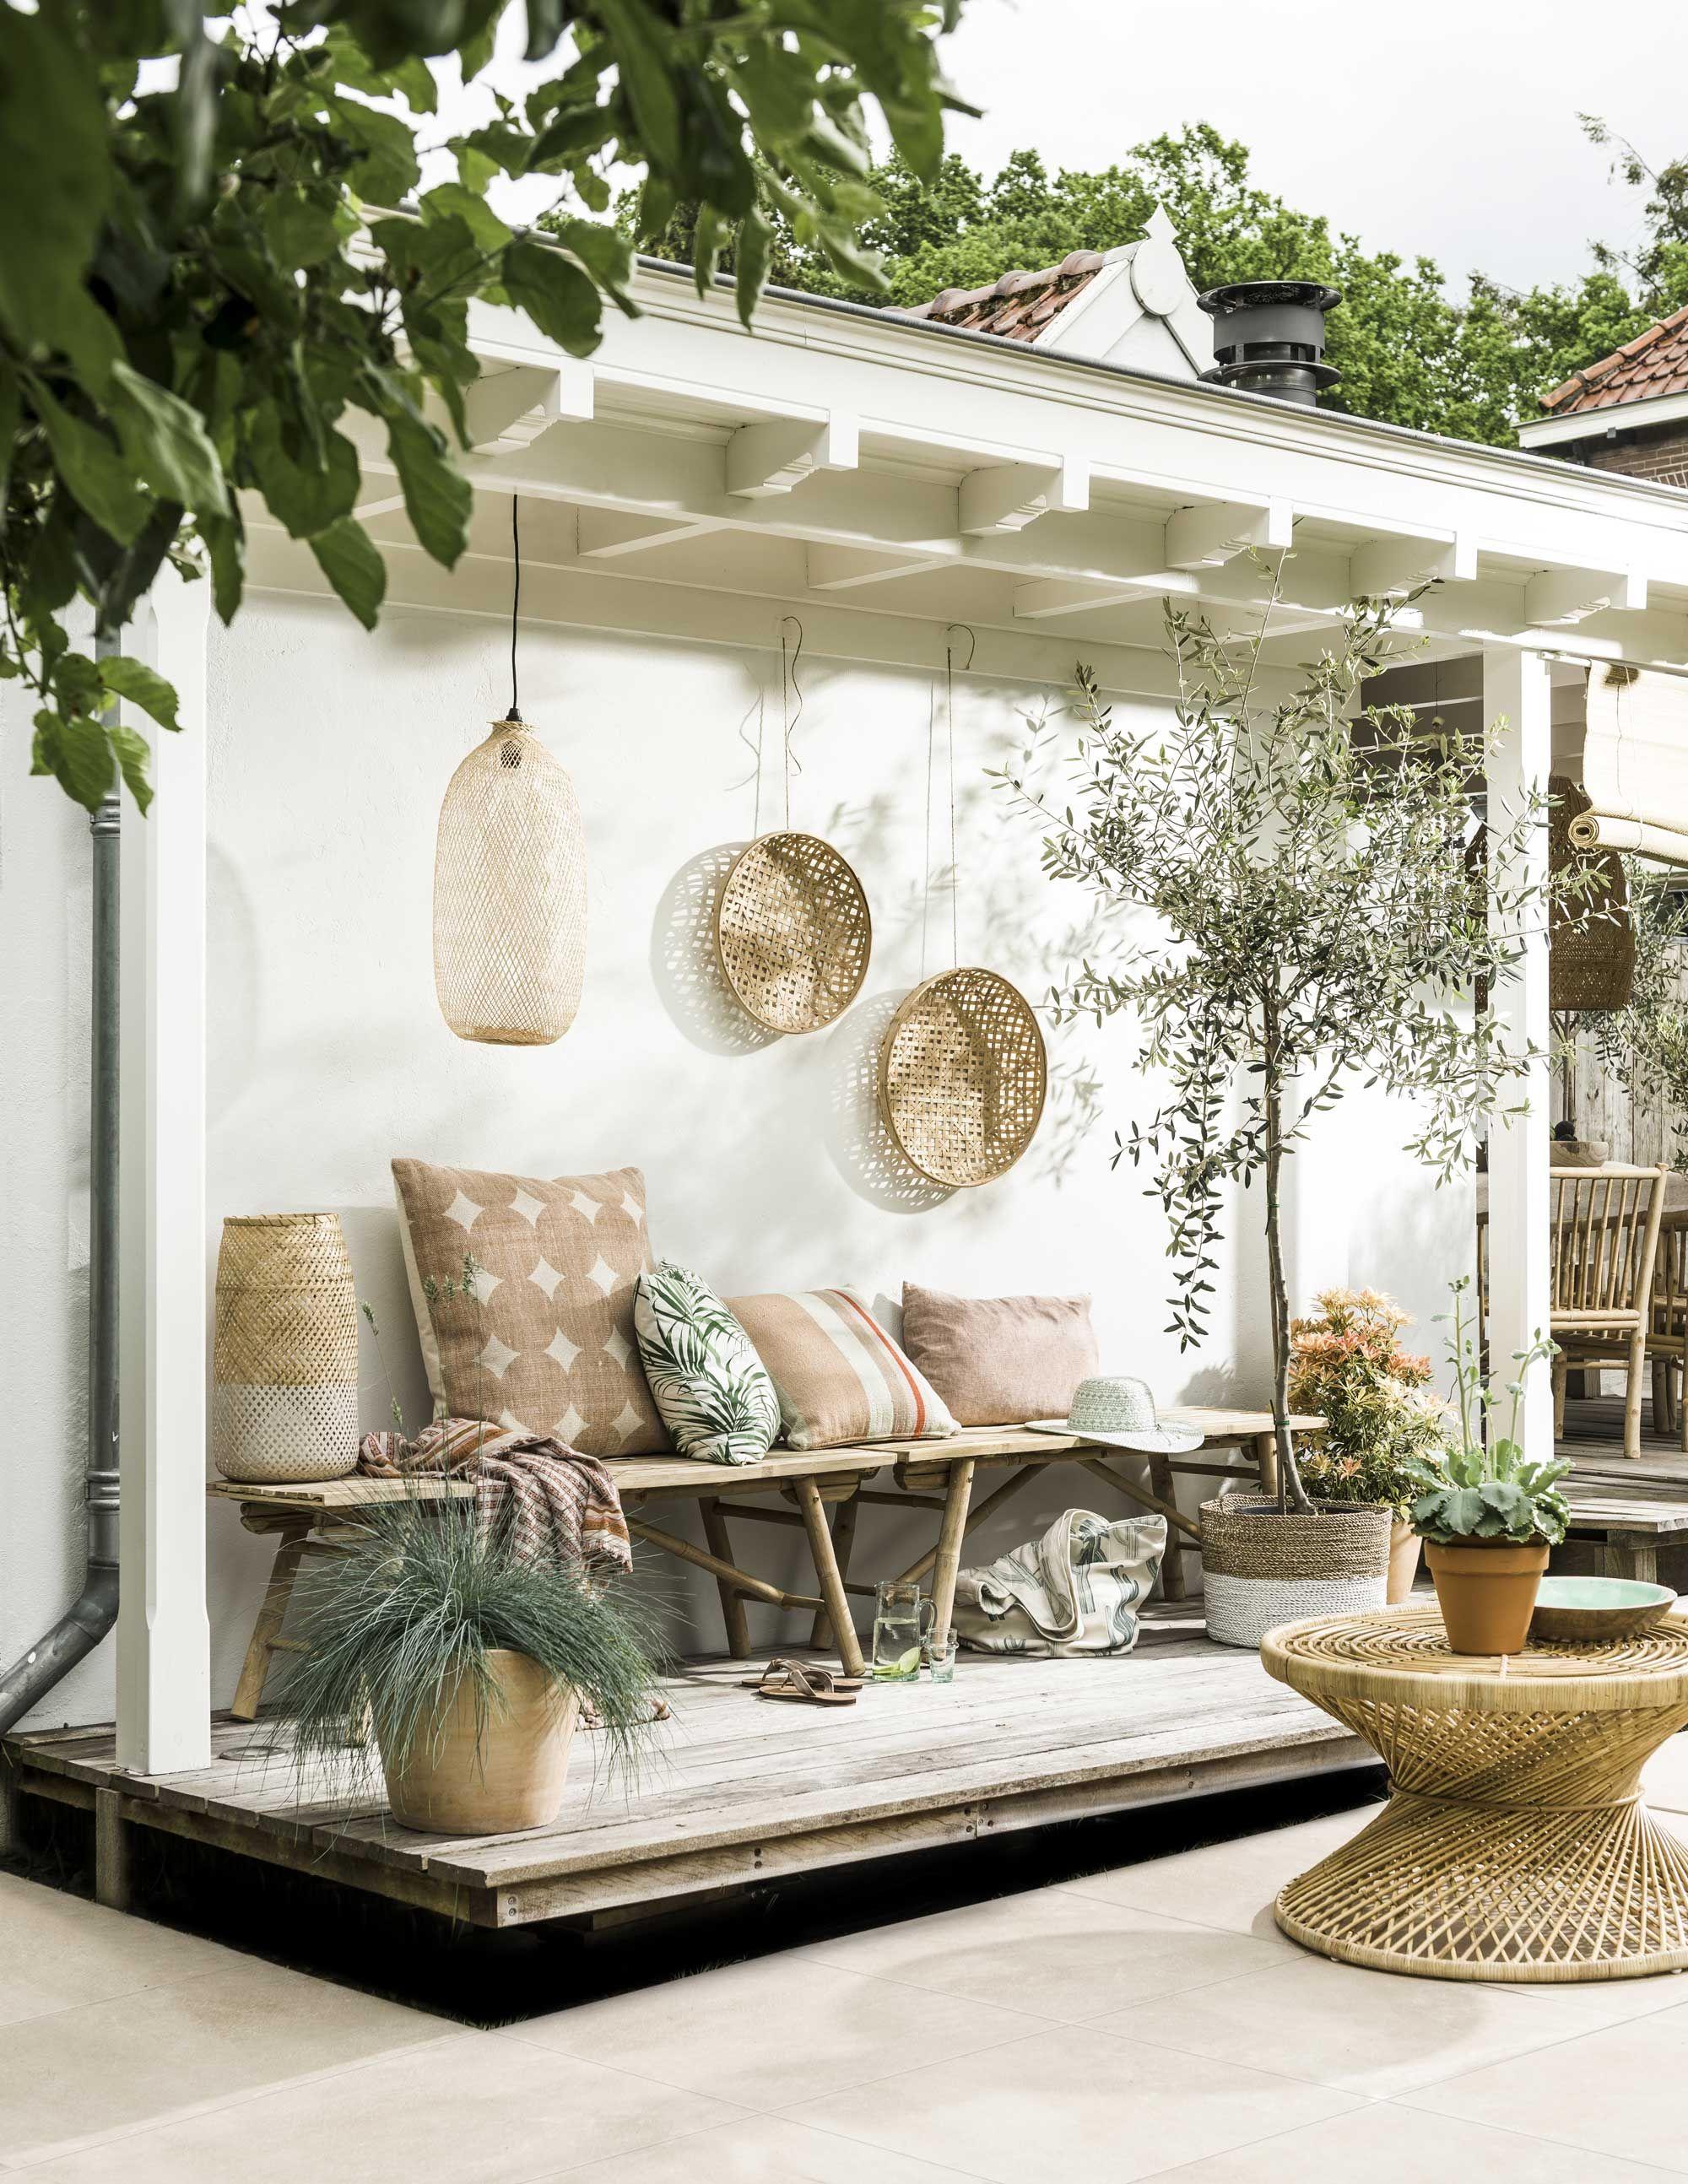 zomerse tuin | summer backyard | vtwonen 07-2016 | Photography Sjoerd Eickmans | Styling Moniek Visser